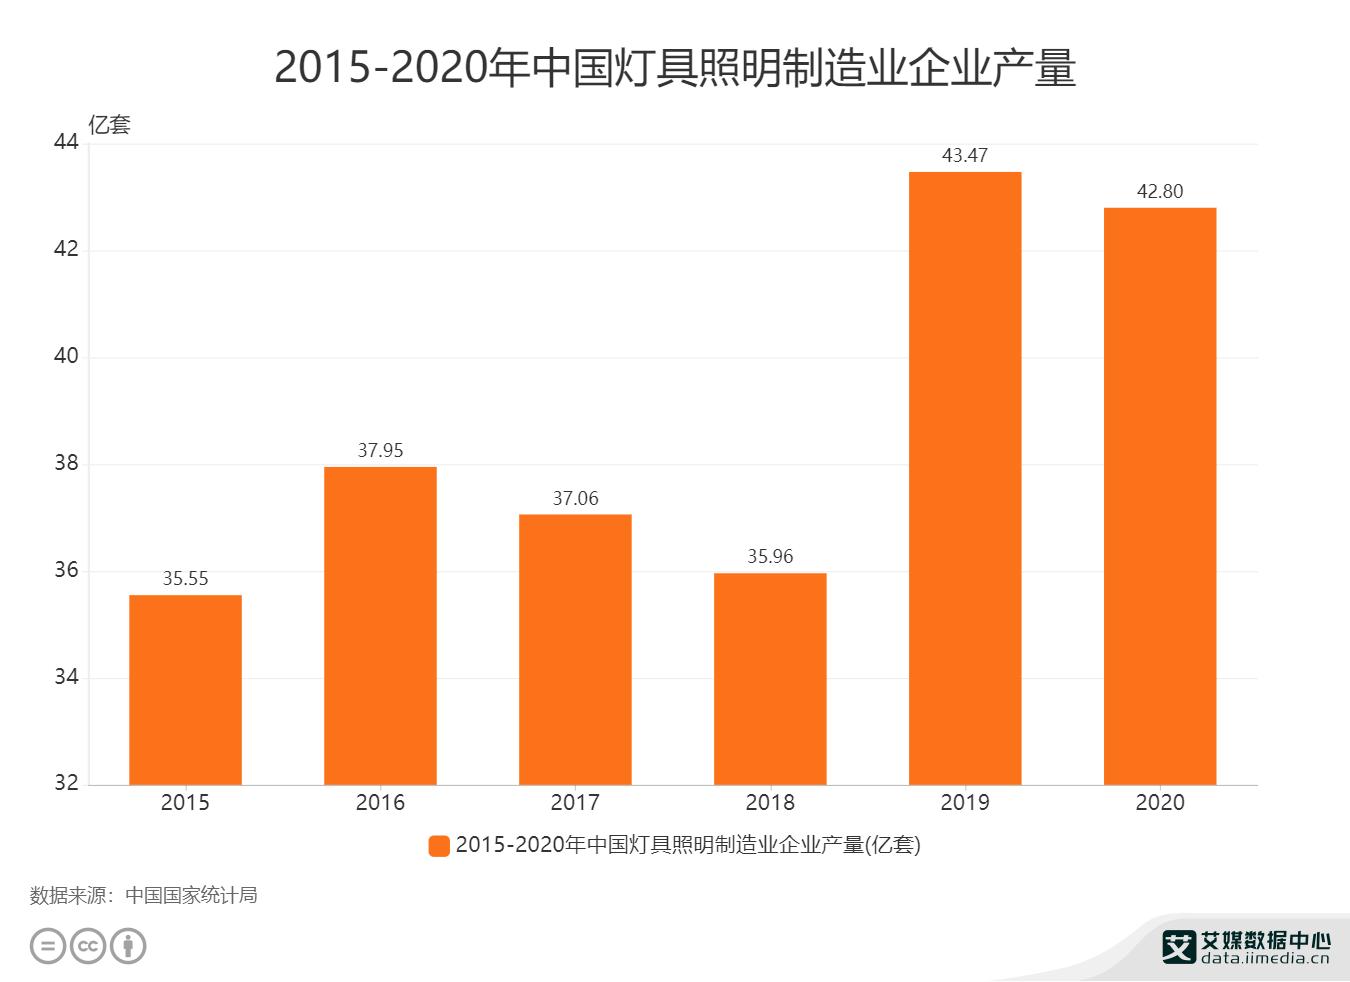 2015-2020年中国灯具照明制造业企业产量.png